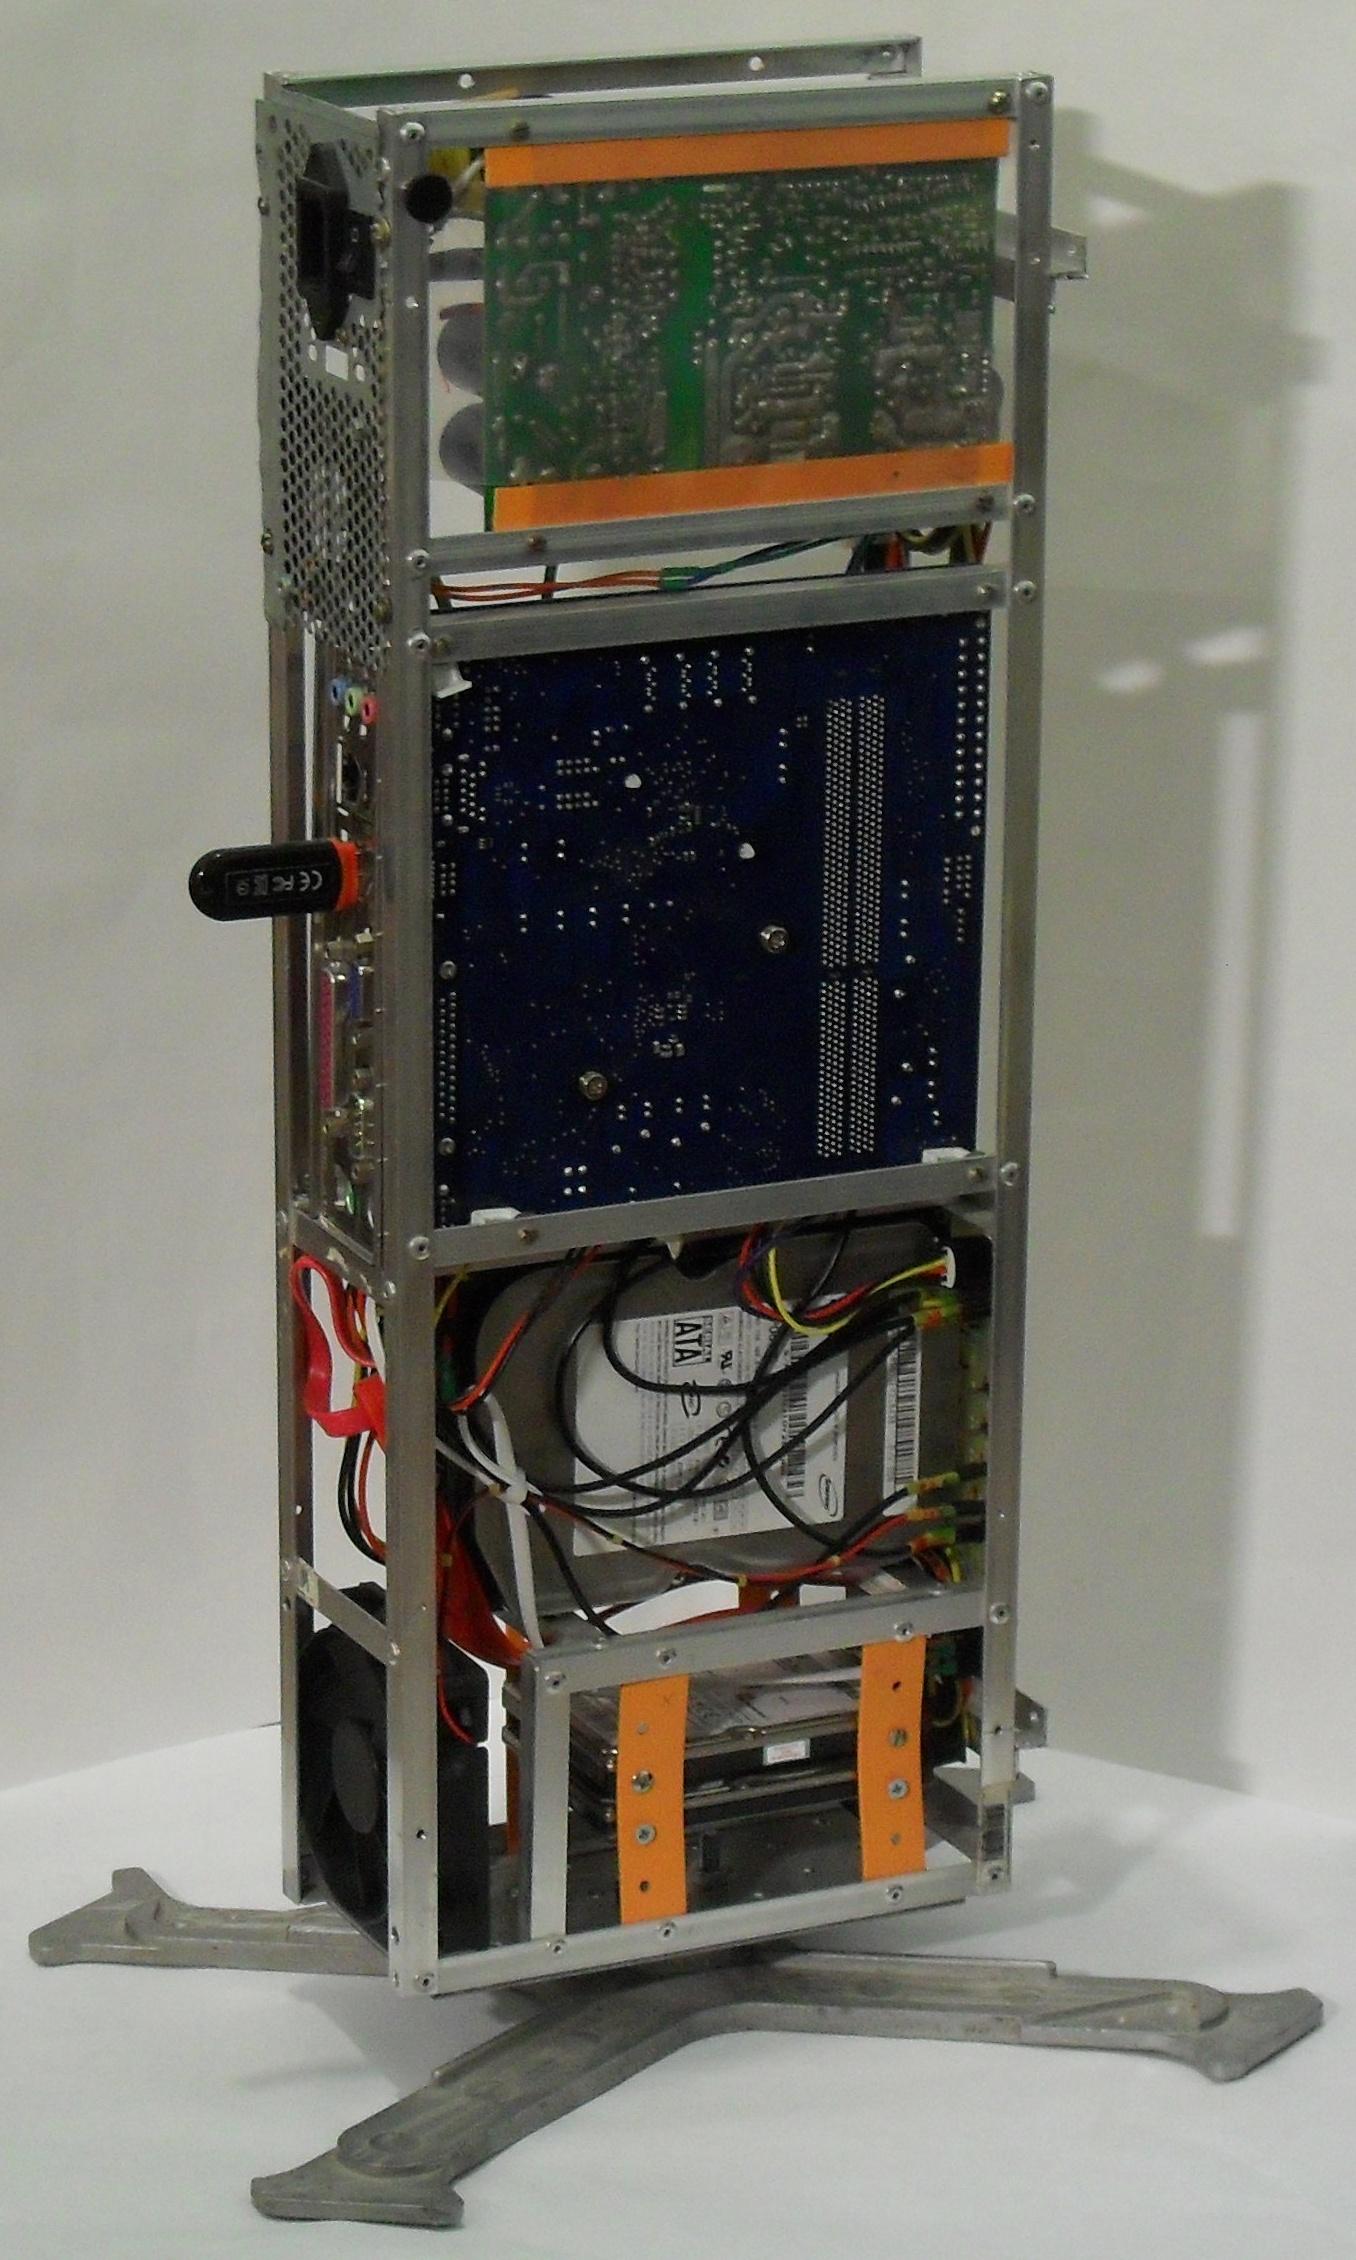 Еще один сервер из подручных средств с претензией на красоту - 38